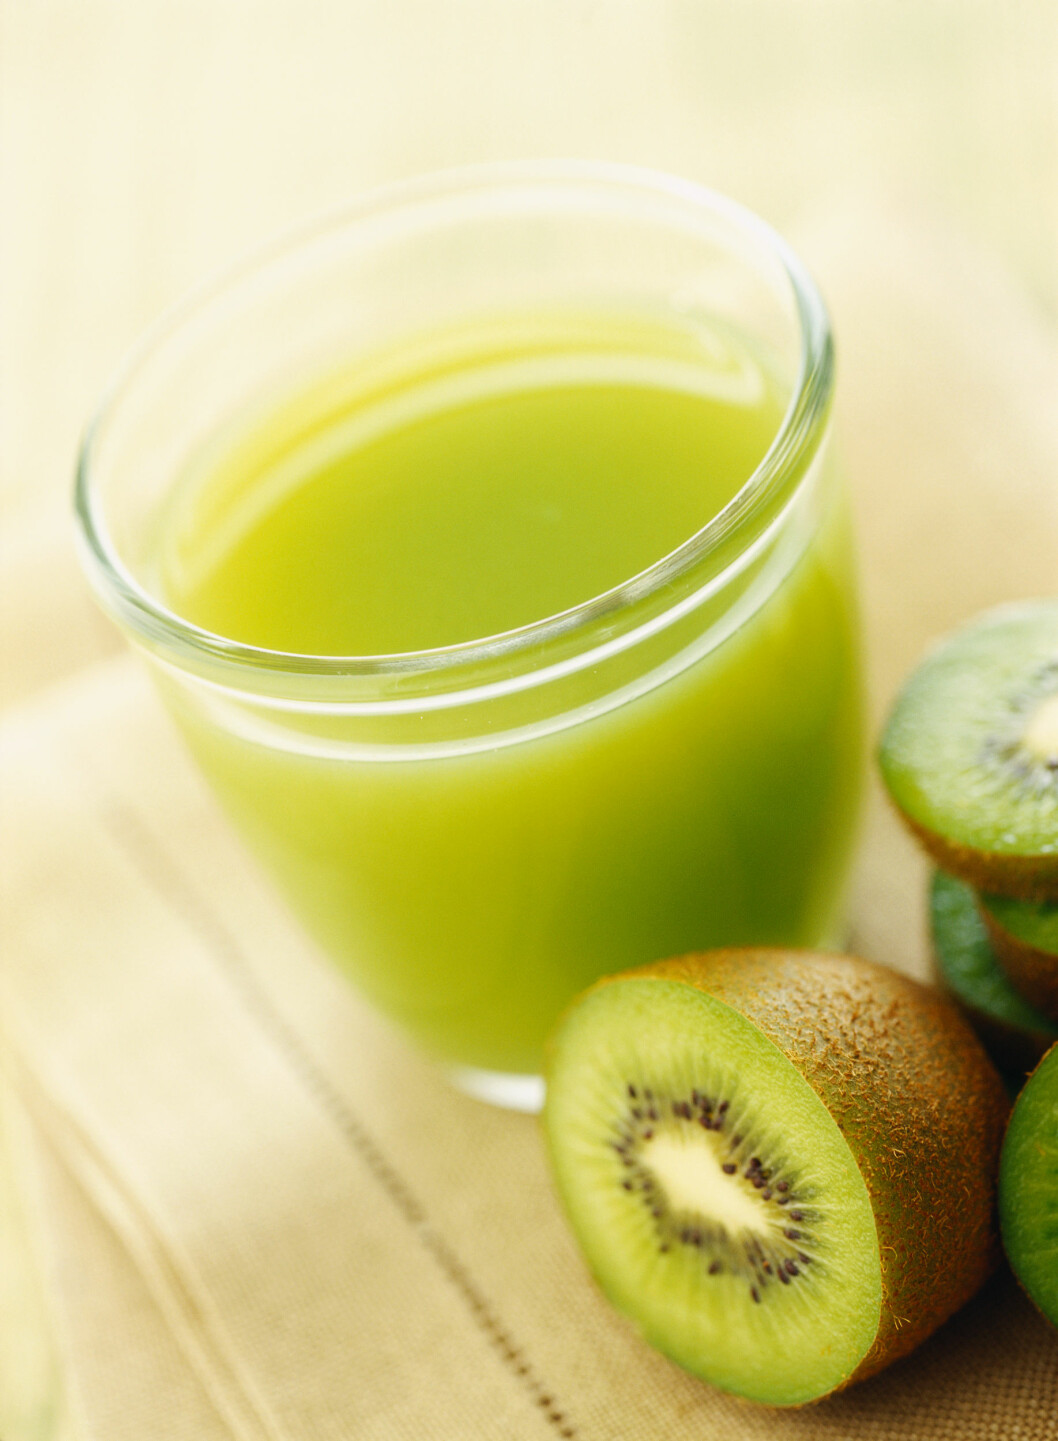 BEDRER JERNOPPTAKET: Spiser du C-vitaminrike matvarer sammen med matvarer som er rike på jern, bedres jernopptaket i kroppen.  Foto: Scanpix